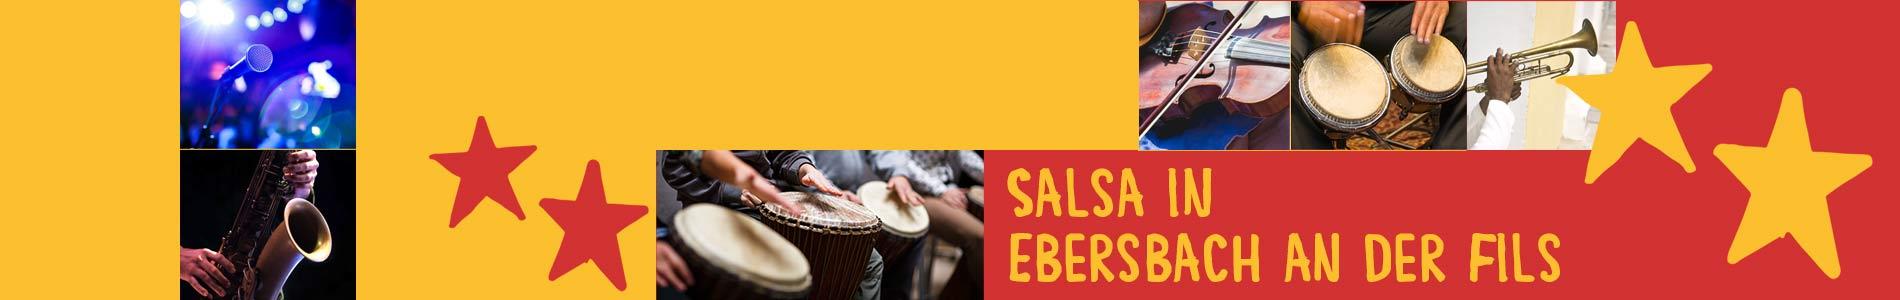 Salsa in Ebersbach an der Fils – Salsa lernen und tanzen, Tanzkurse, Partys, Veranstaltungen